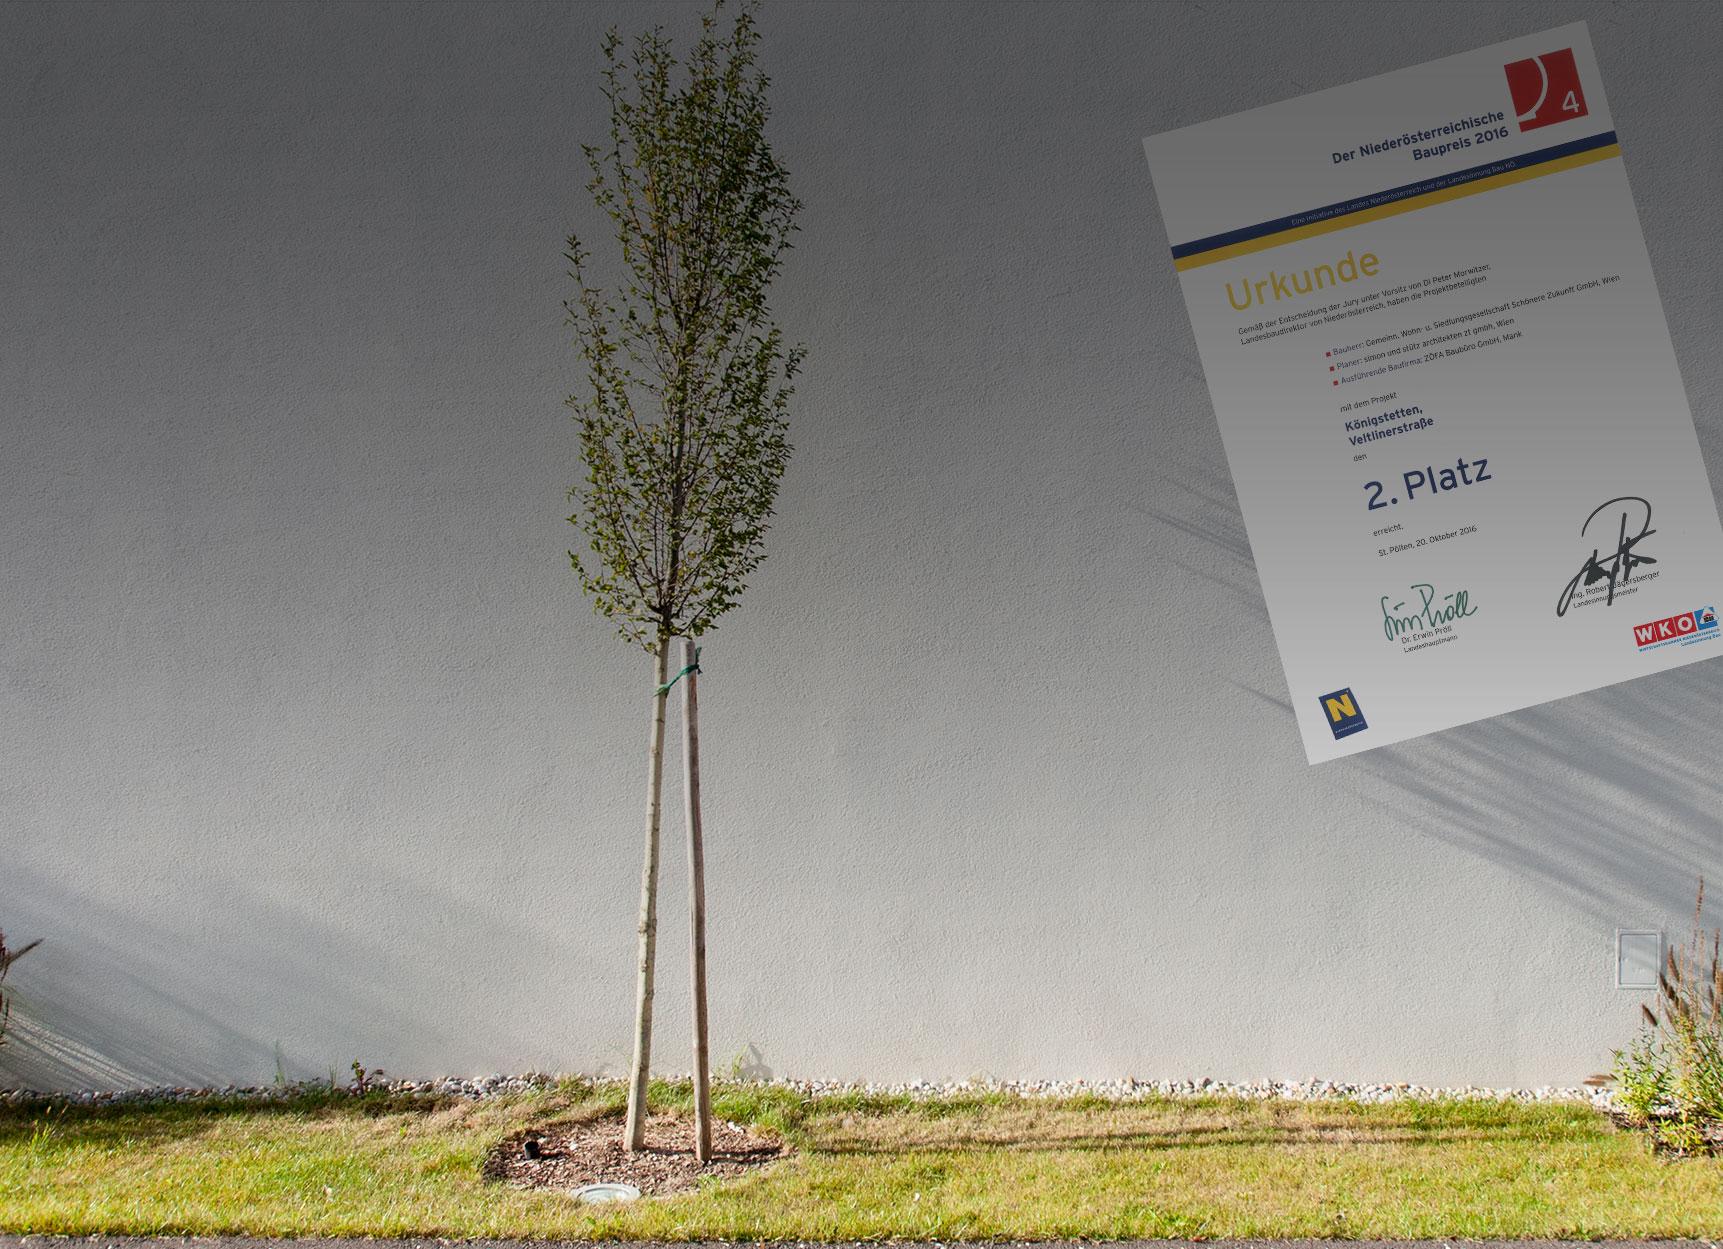 Reihenhausanlage Königstetten | Baupreis 2016 2. Platz